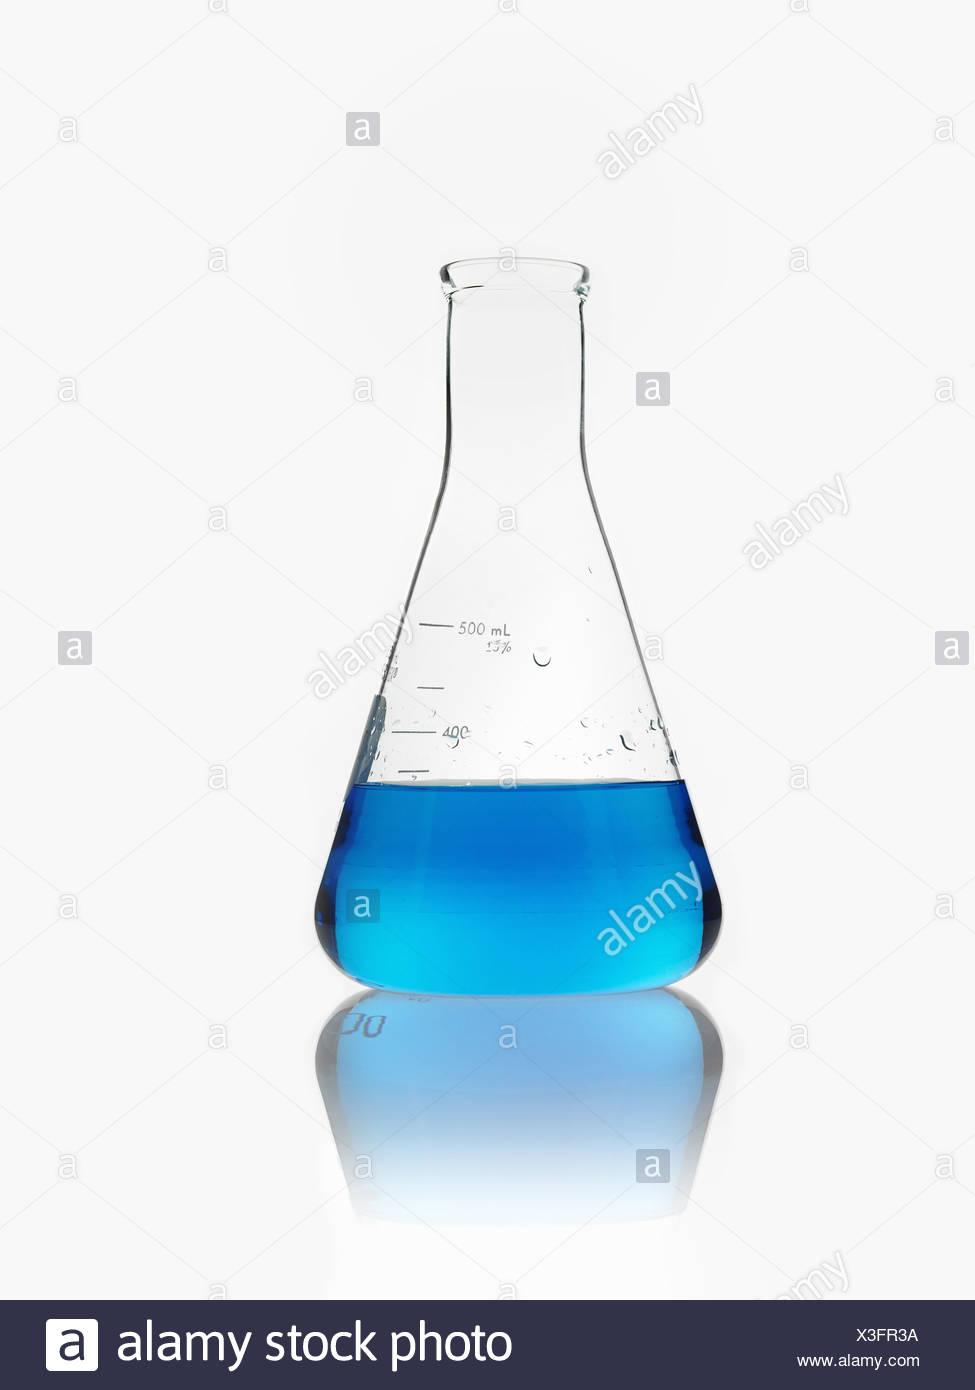 Eine konische wissenschaftliche Glaswaren Flasche teilweise mit blauer Flüssigkeit gefüllt. Stockbild